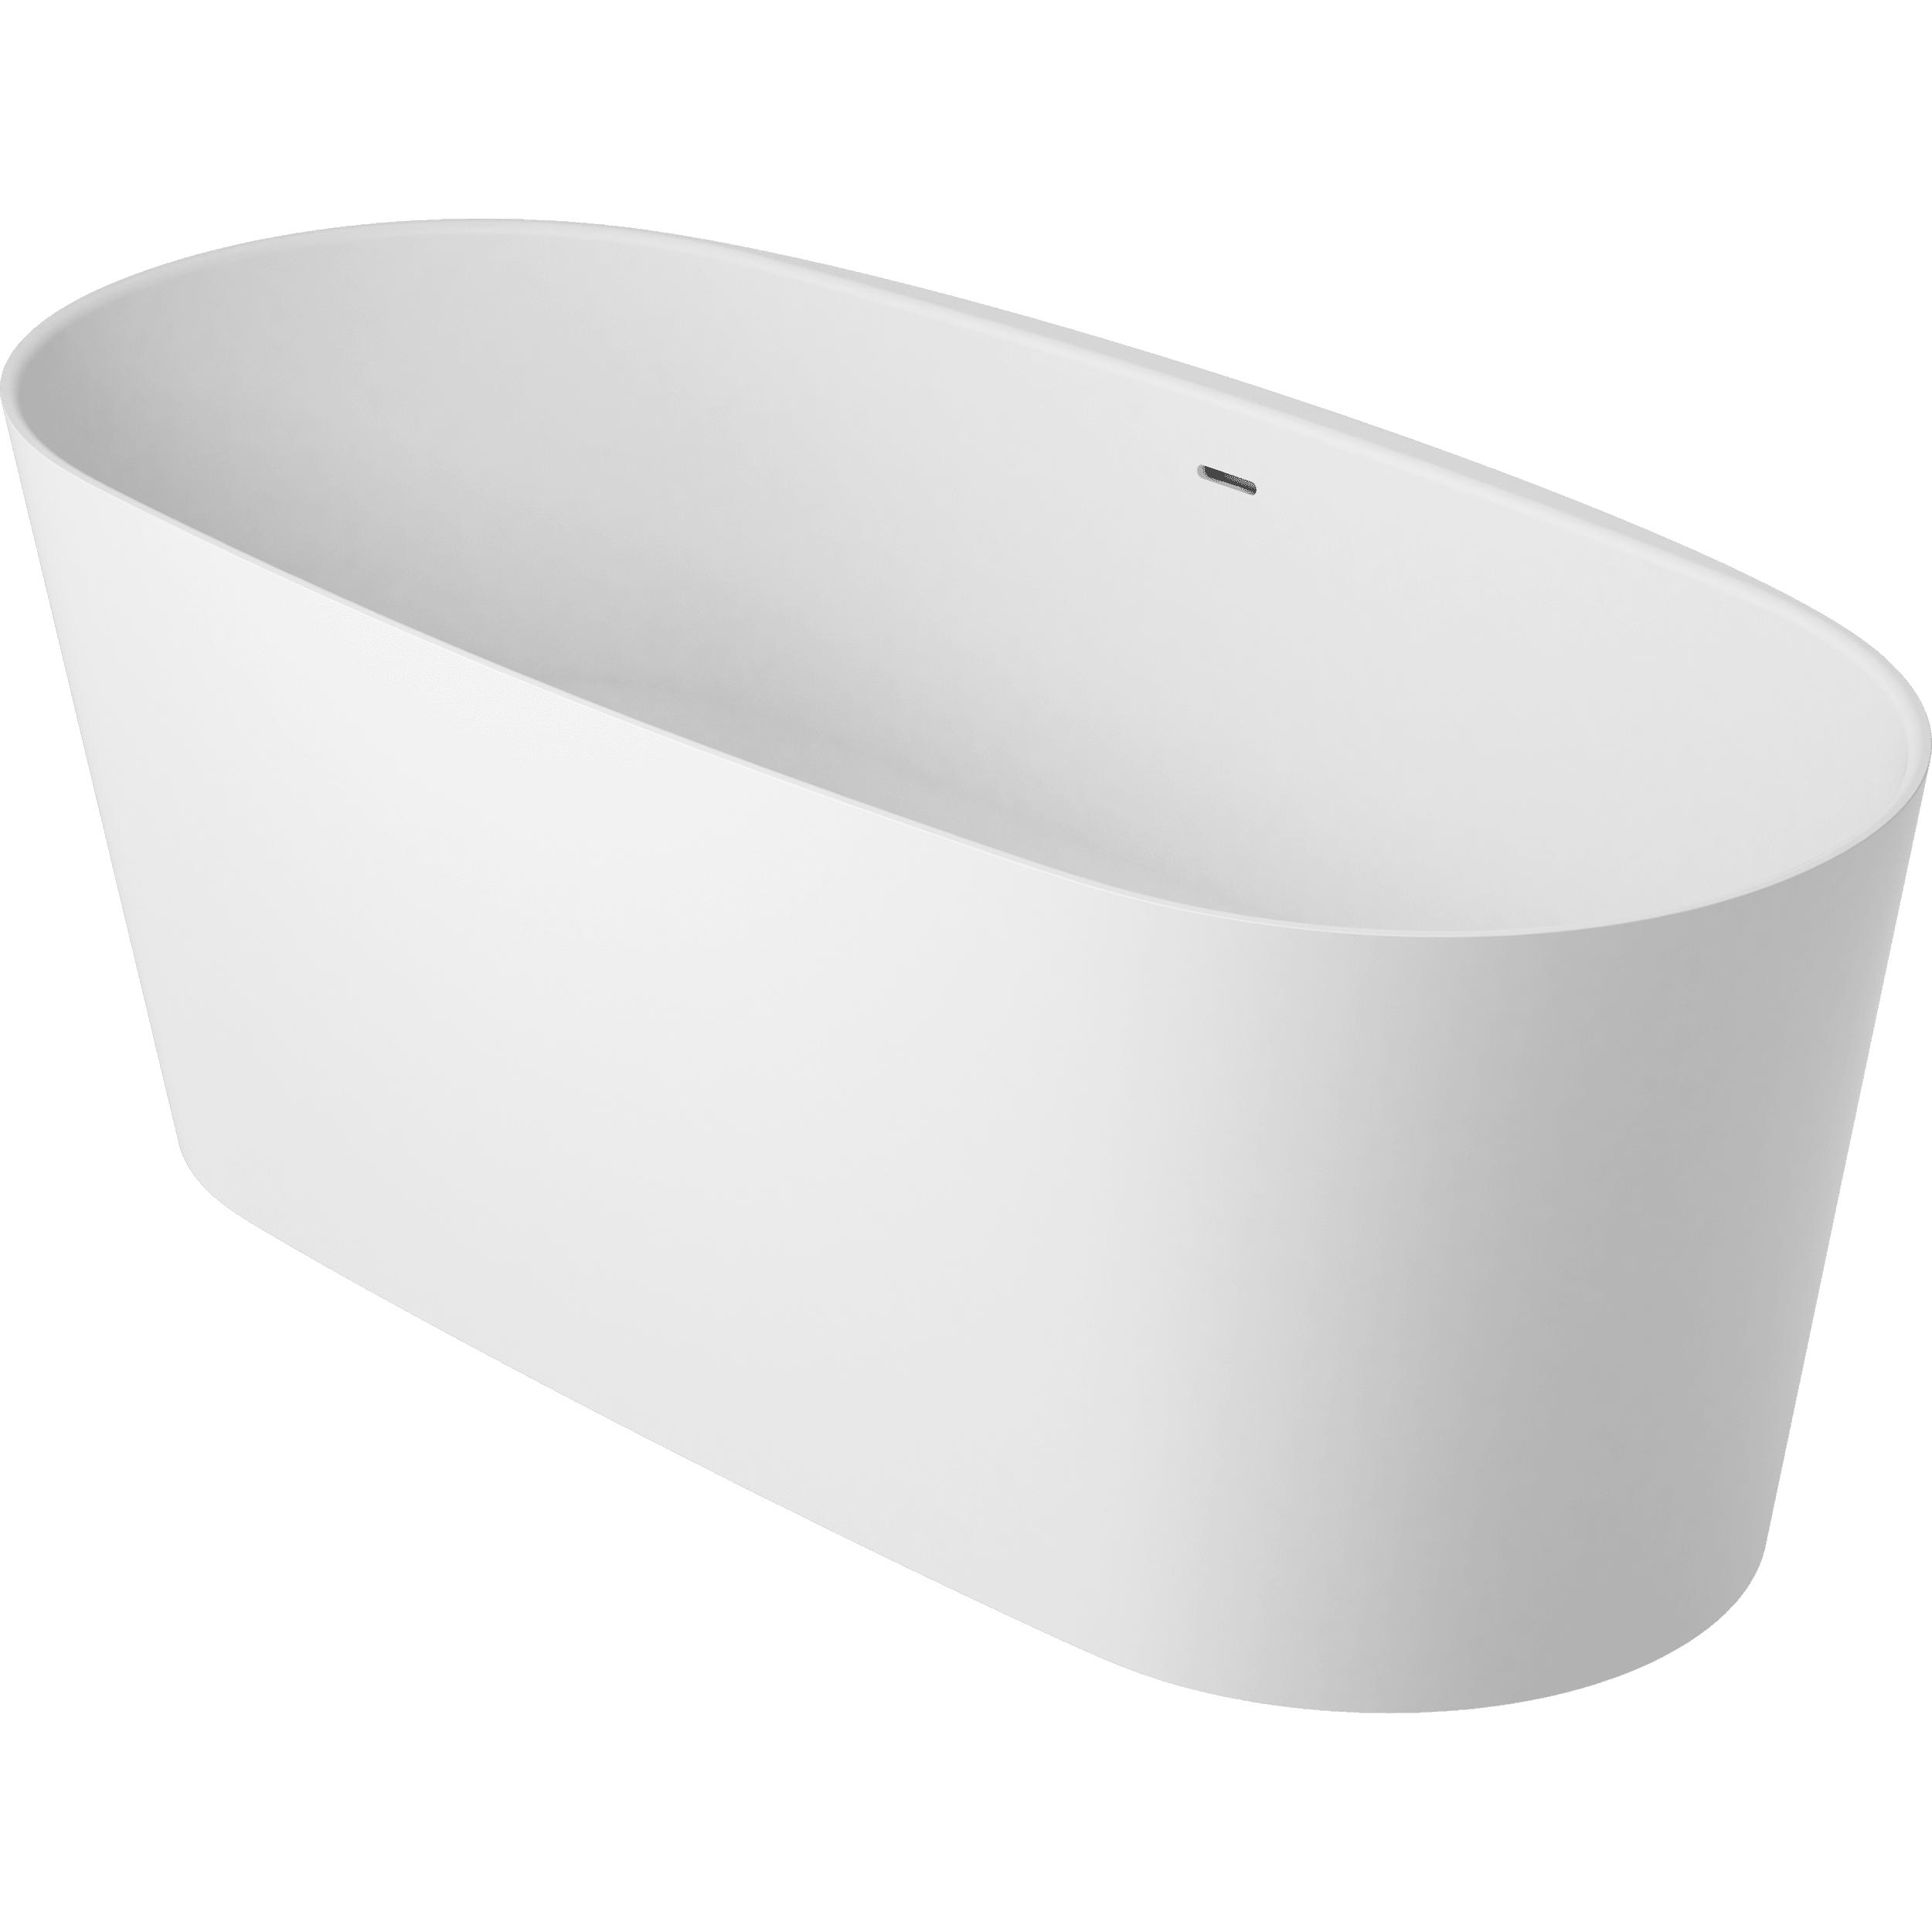 vtwonen baden Tub vrijstaand bad ovaal 165 x 72 cm. powder white